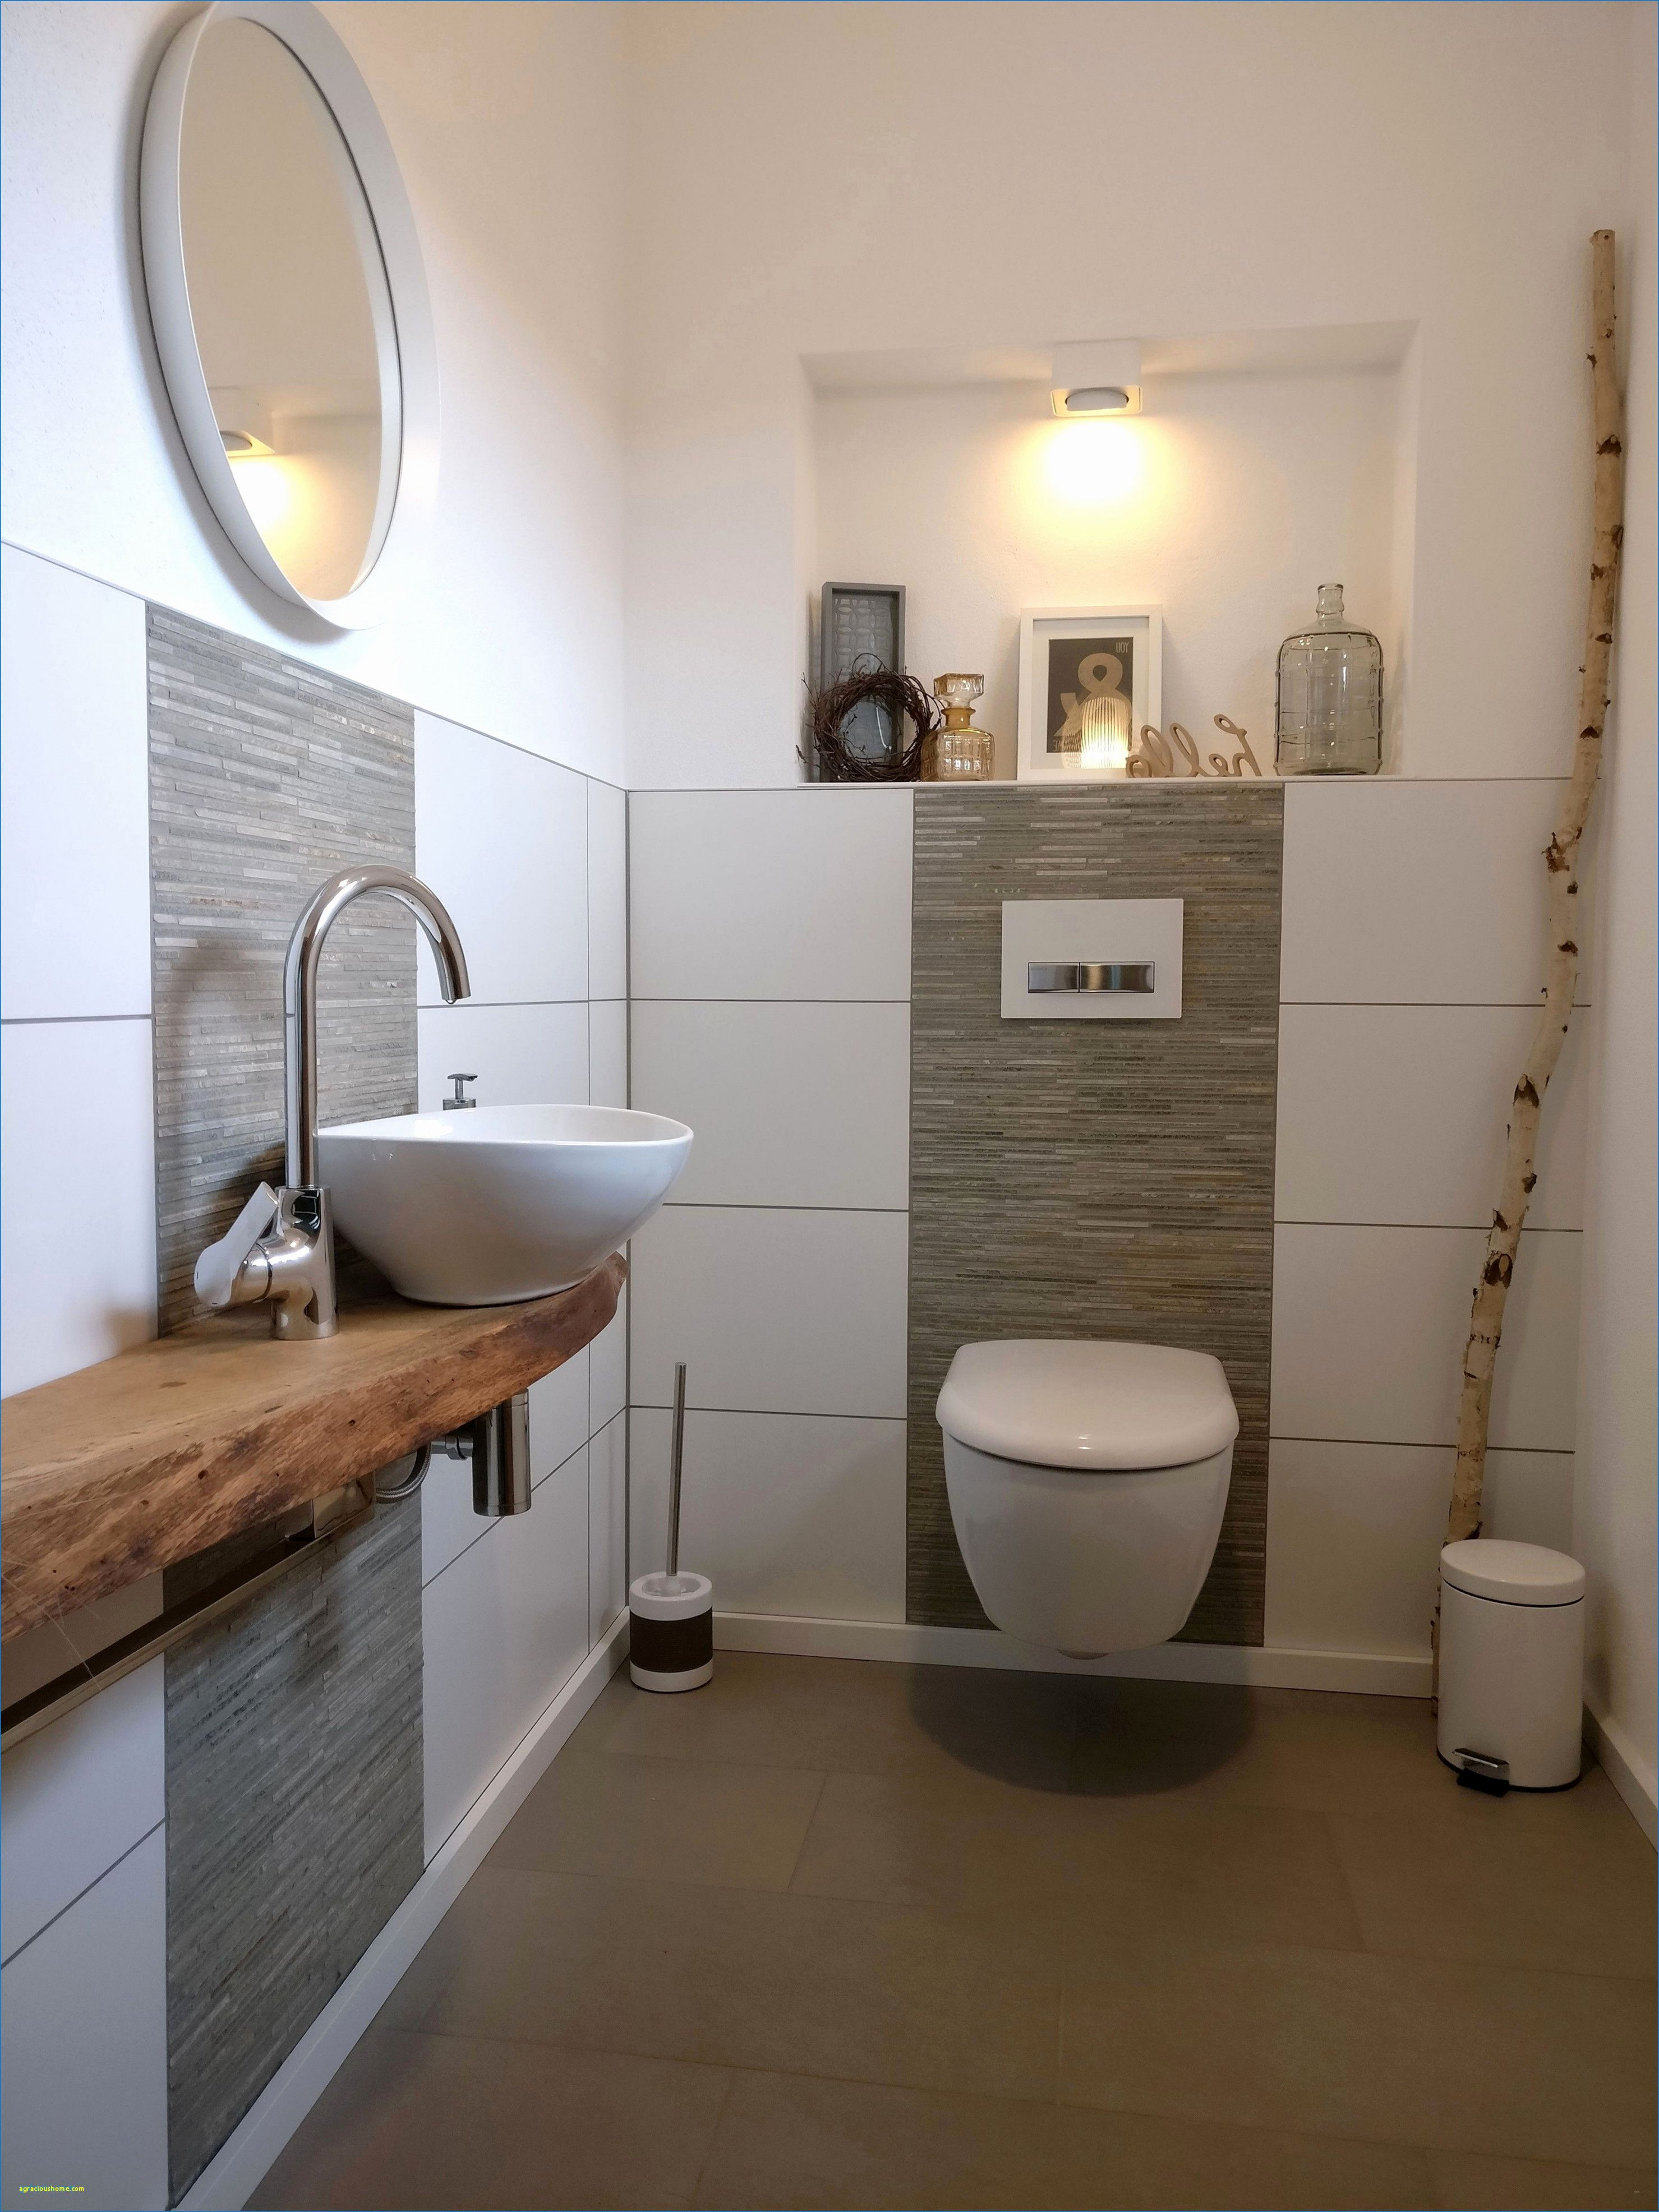 Kleine Bader Badezimmer Ideen Von Kleines Bad Renovieren Ideen Bild Kleines Bad Renovieren Bad Renovieren Badezimmer Renovieren